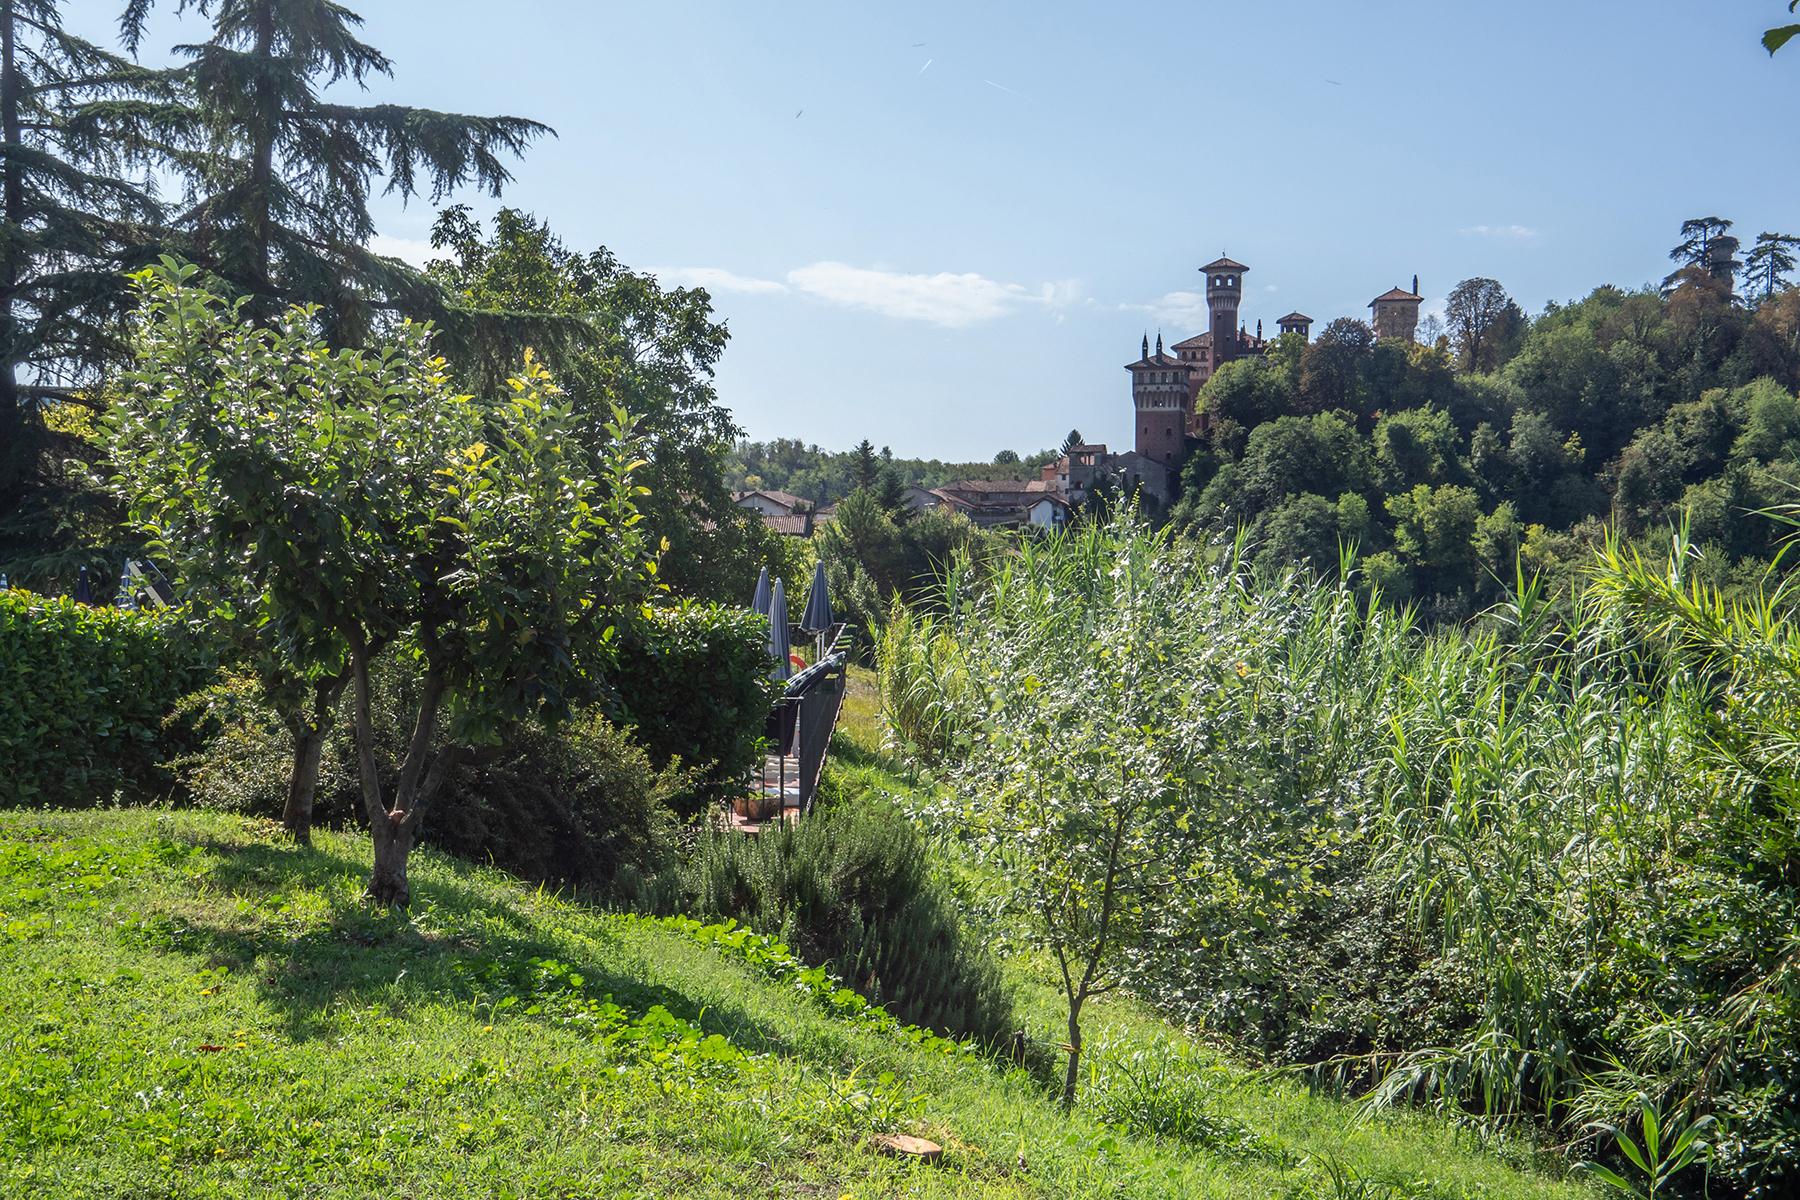 Rustico in Vendita a Sala Monferrato: 5 locali, 1000 mq - Foto 8